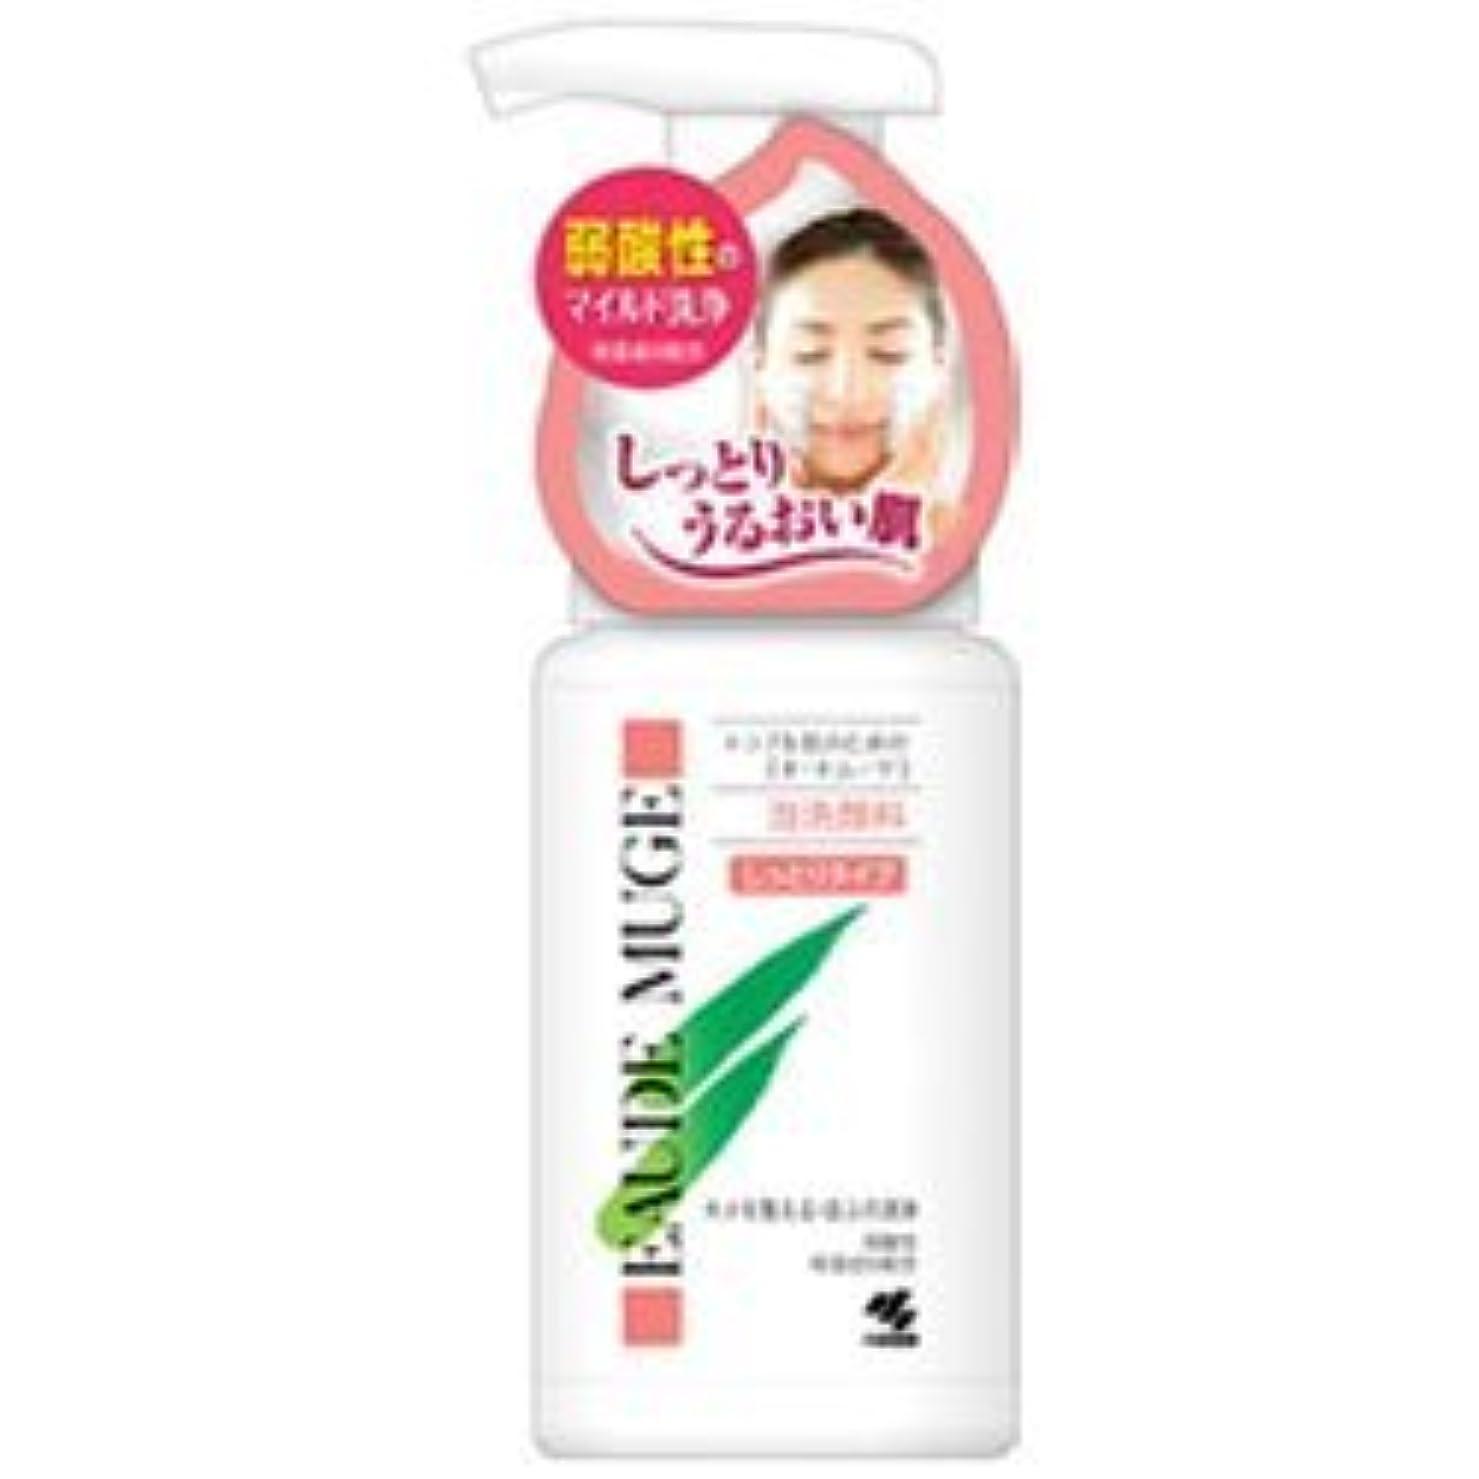 強い作成者安西【小林製薬】オードムーゲ 泡洗顔料 しっとりタイプ 150ml